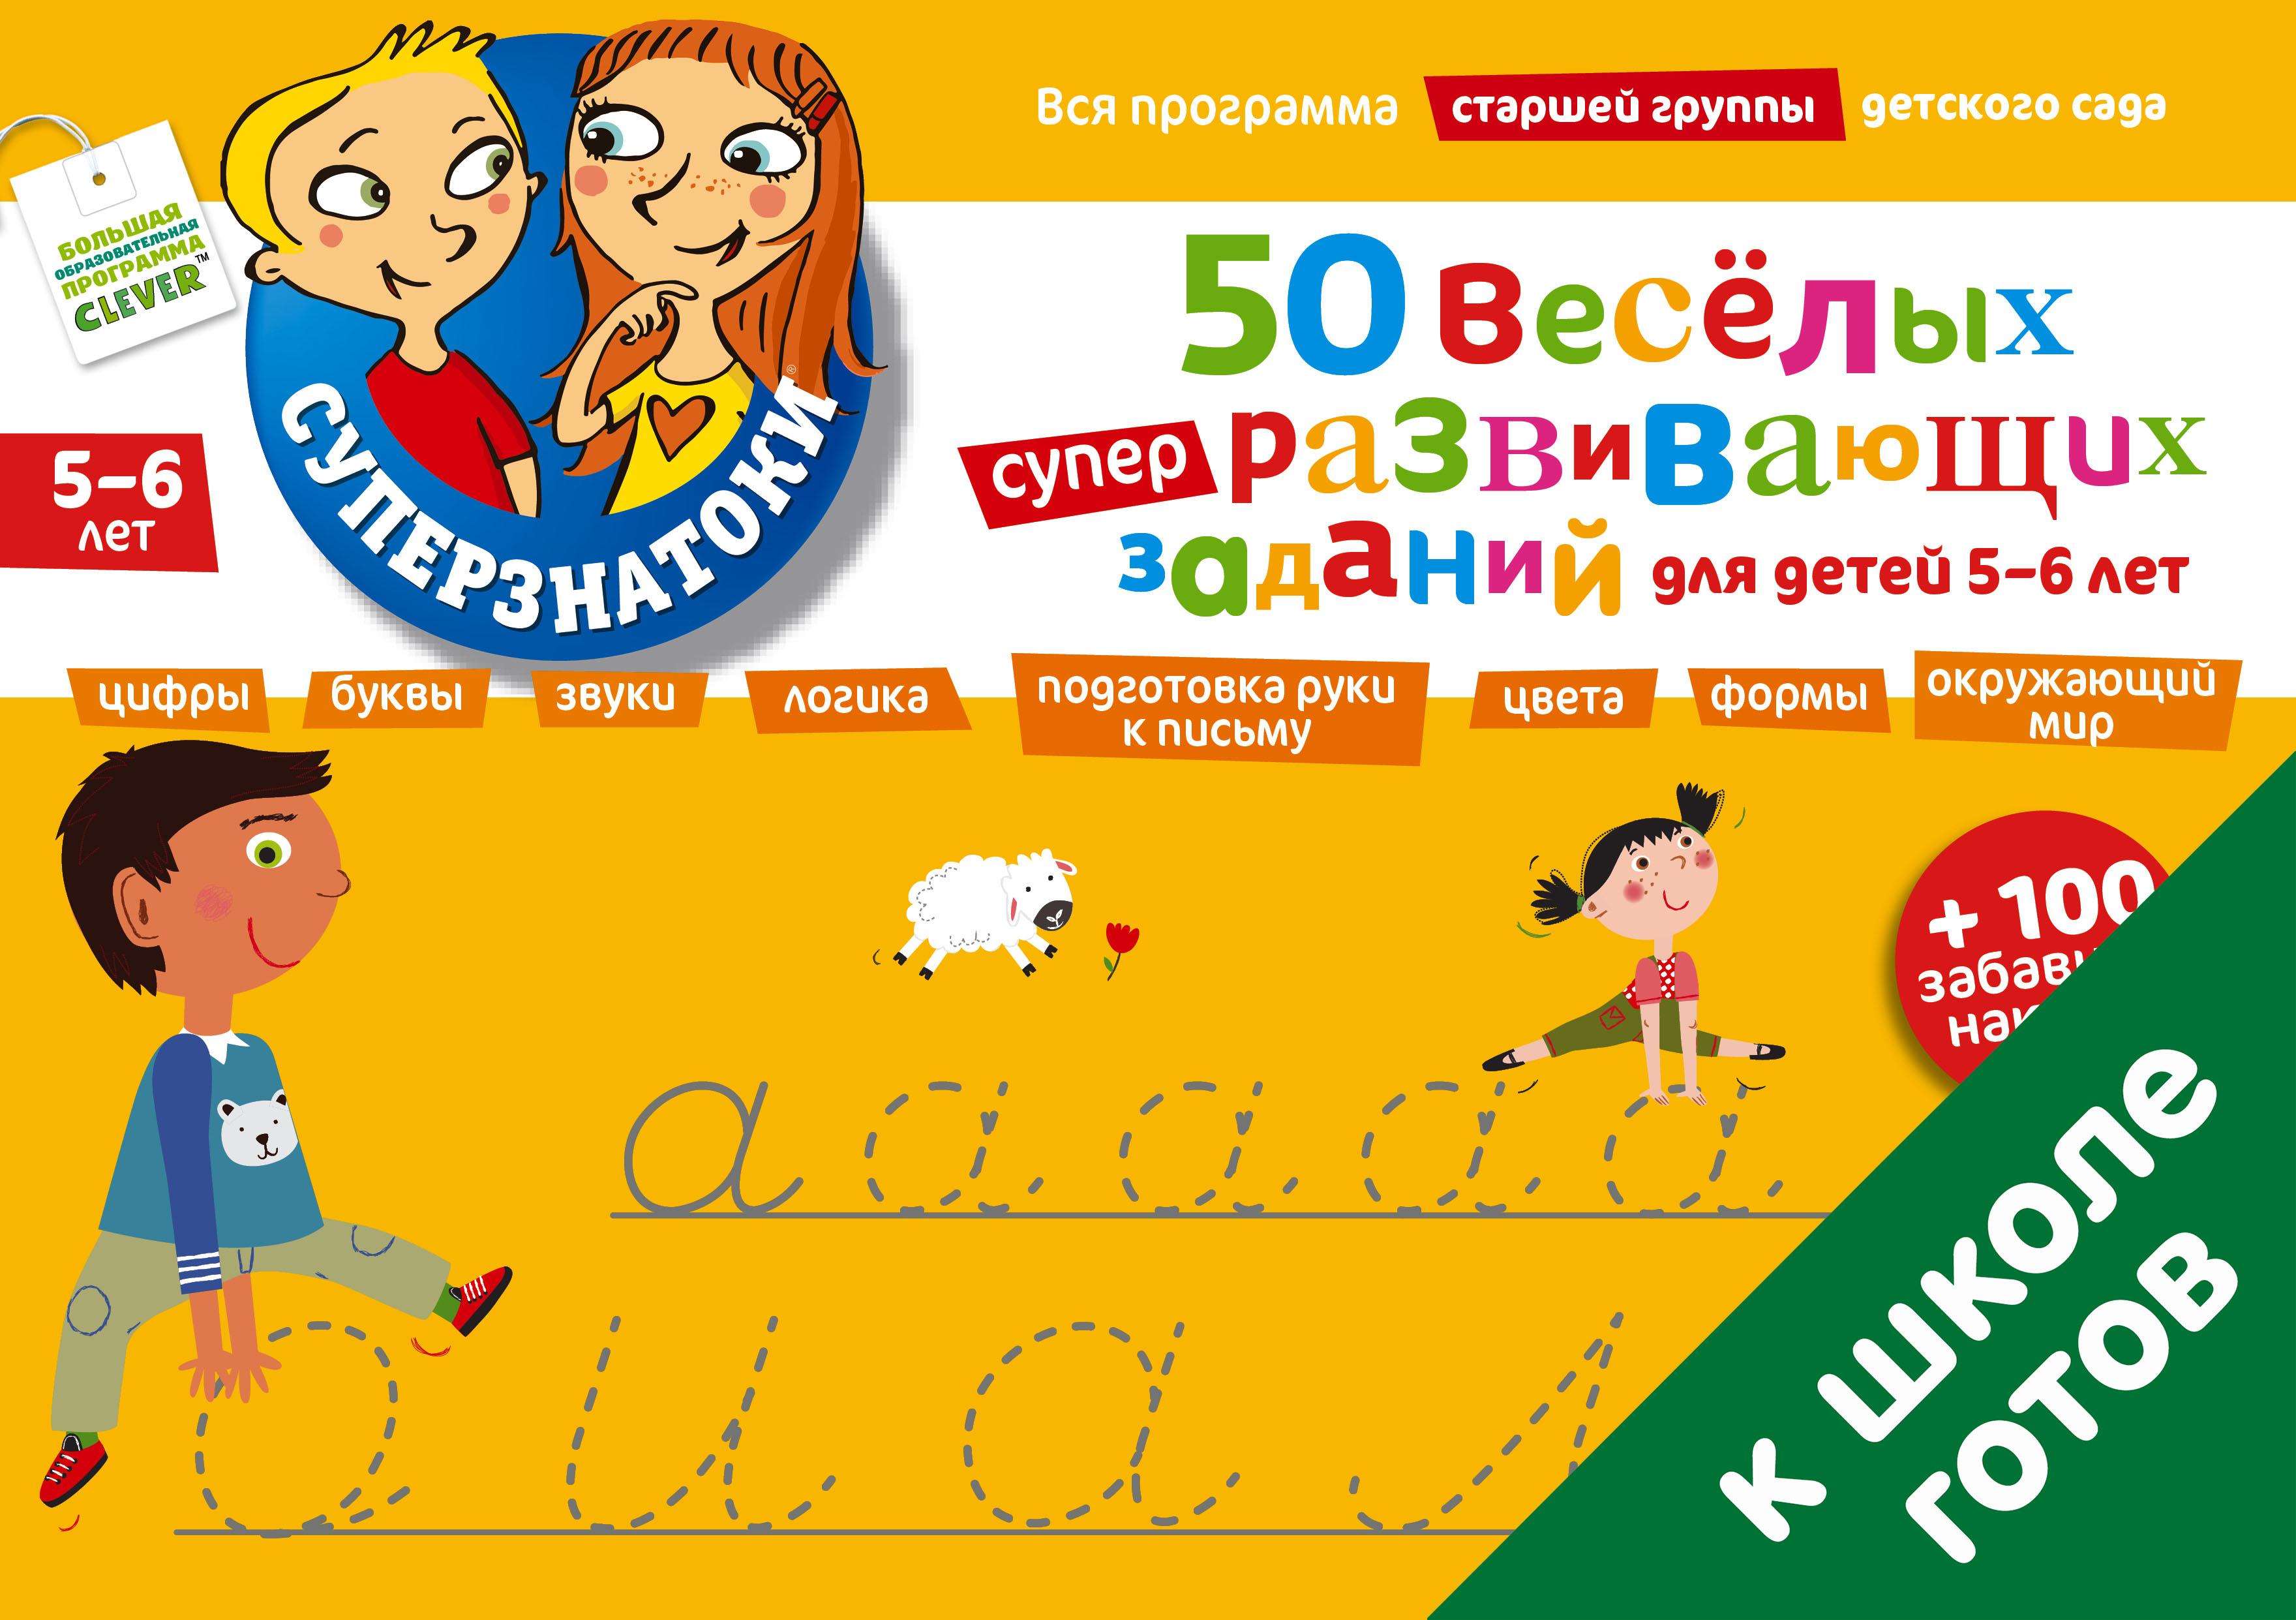 Купить 50 веселых суперразвивающих заданий для детей 5-6 лет (+ 100 забавных наклеек)